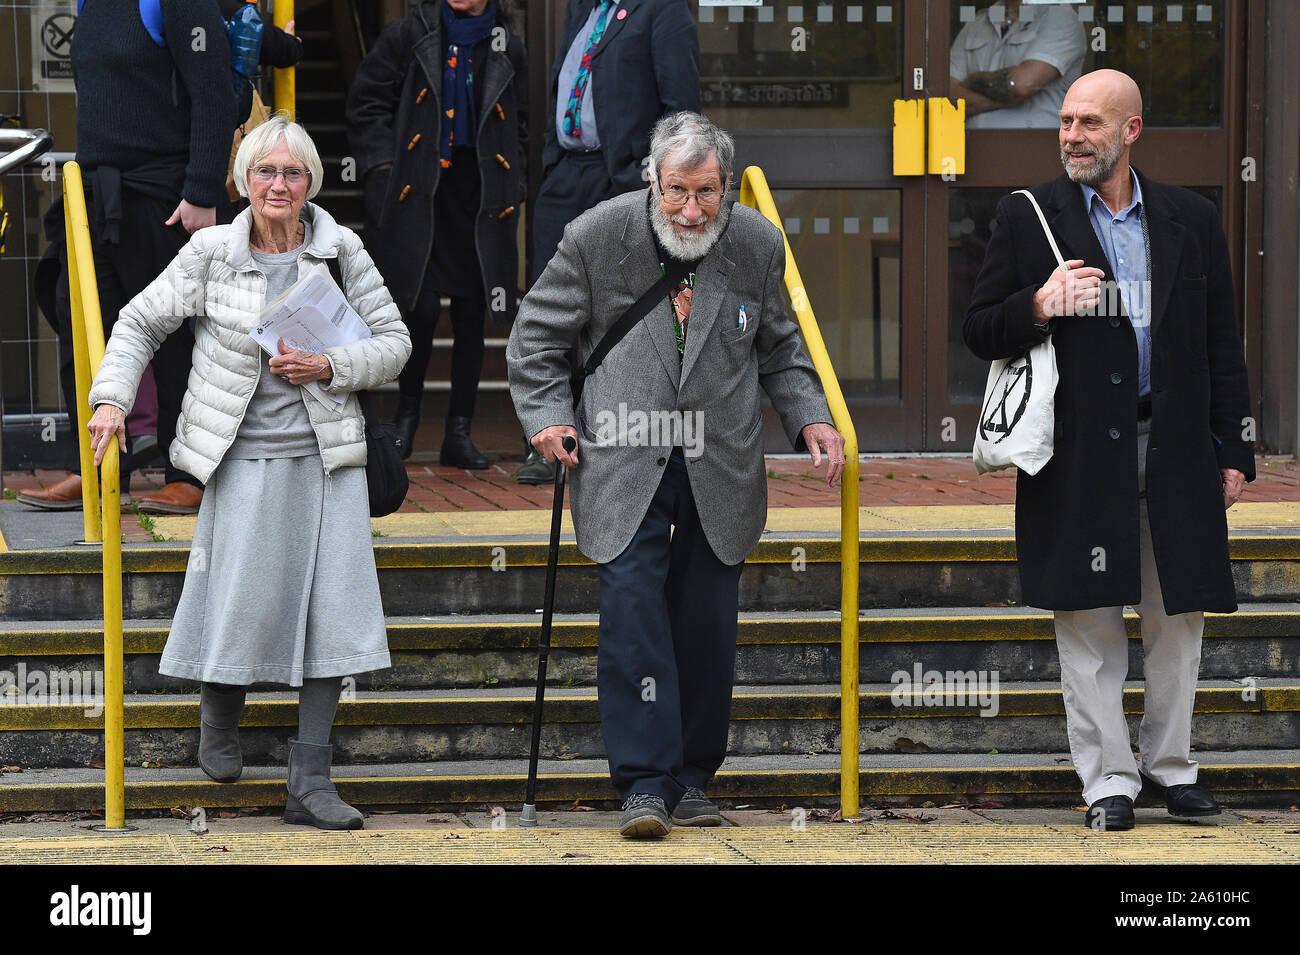 """(De gauche à droite) l'extinction des militants rébellion Ursula Pethick, 83, John Lynes, 91, et John Halladay, 61, laissant Coquelles Cour des magistrats où elles apparaissent pour leur part dans le """"blocus"""" du Port de Douvres en septembre. Banque D'Images"""